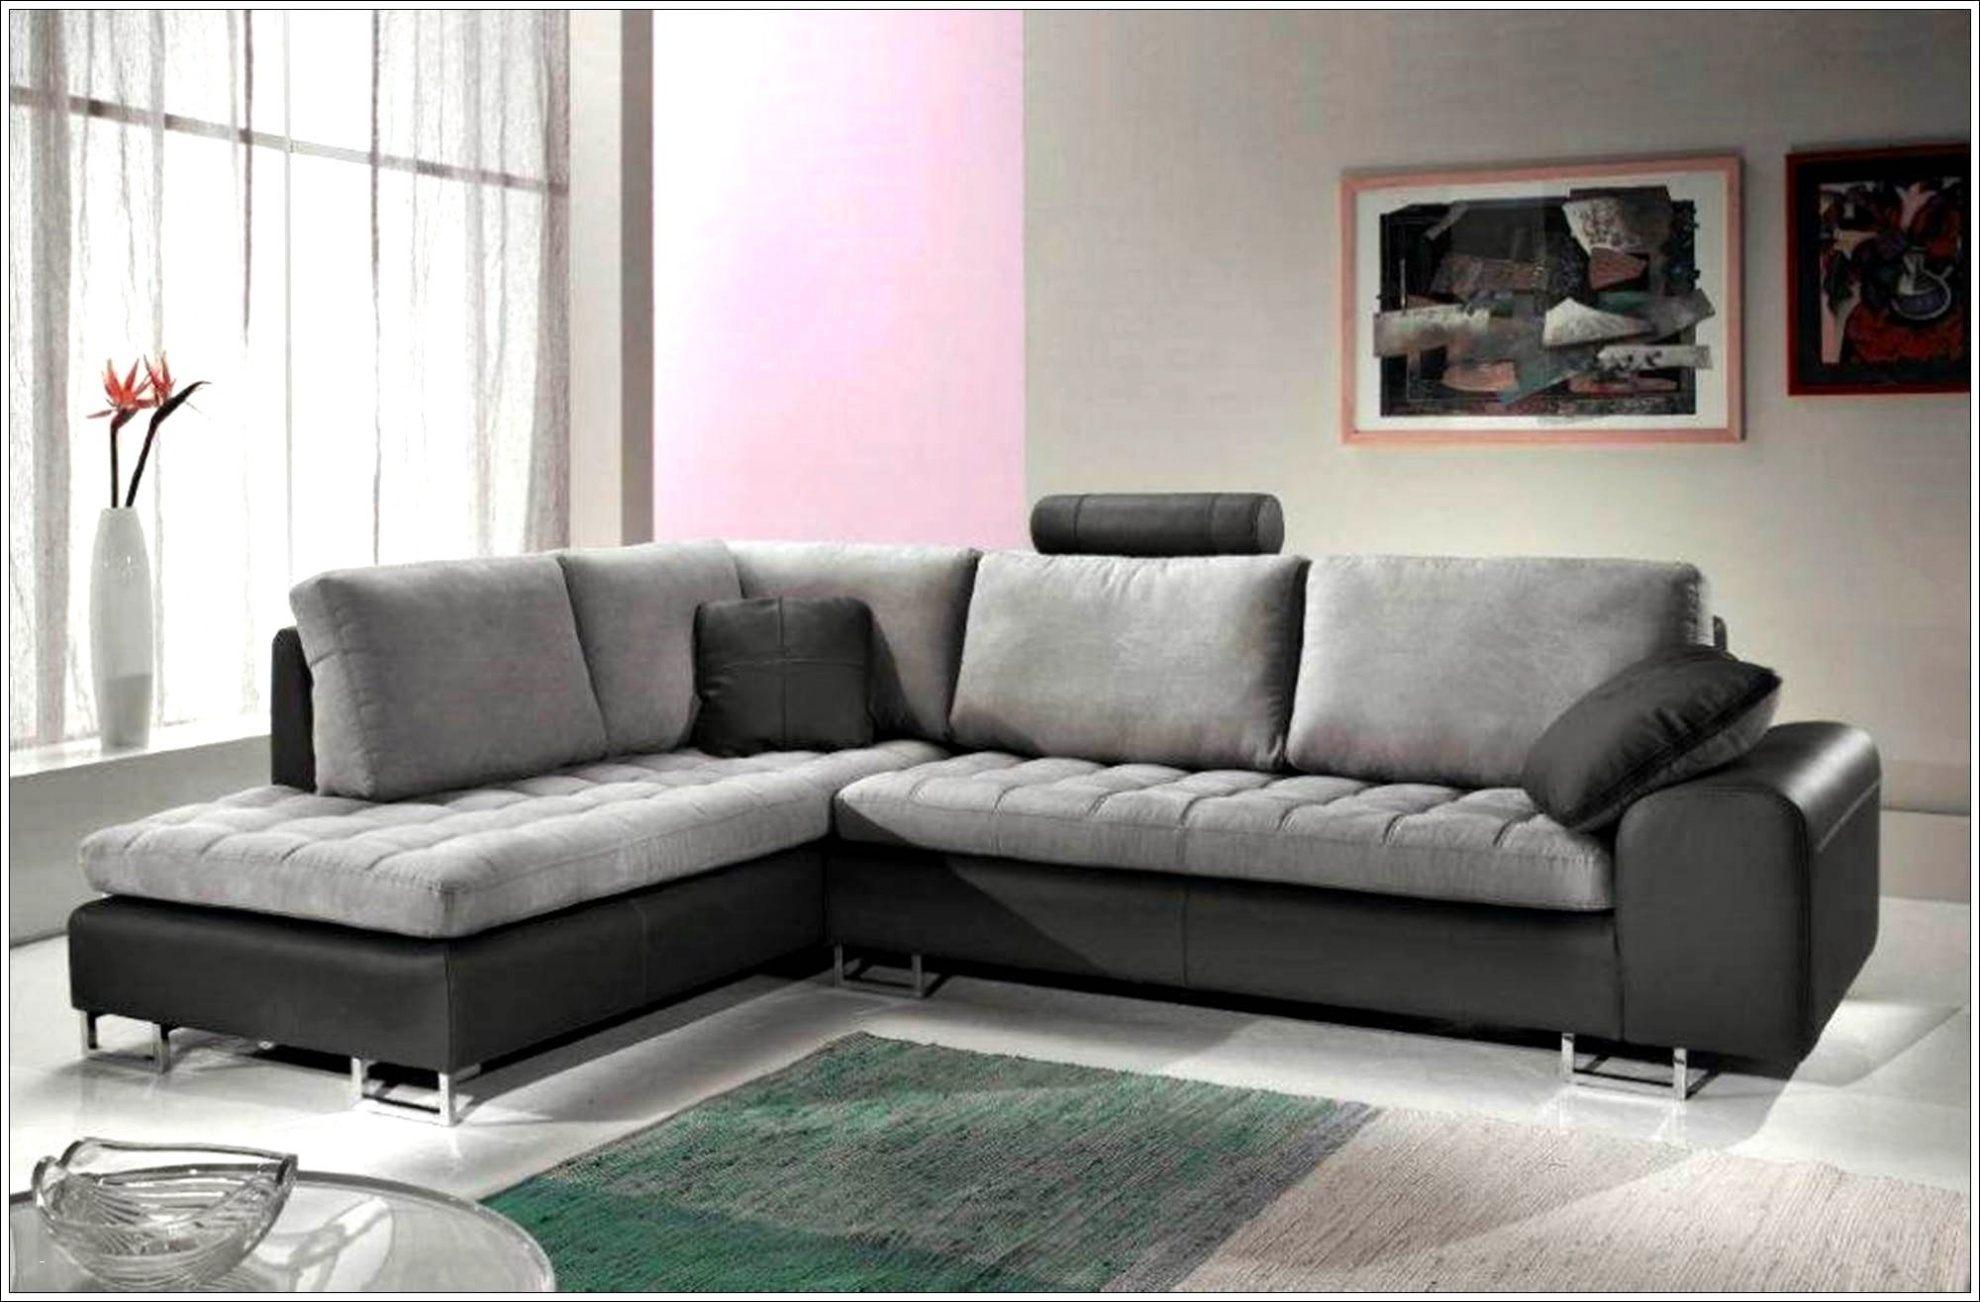 Conforama Canapé Lit Unique Fascinant Canape D Angle Lit  Conforama Canapé Lit 2 Places Maha De